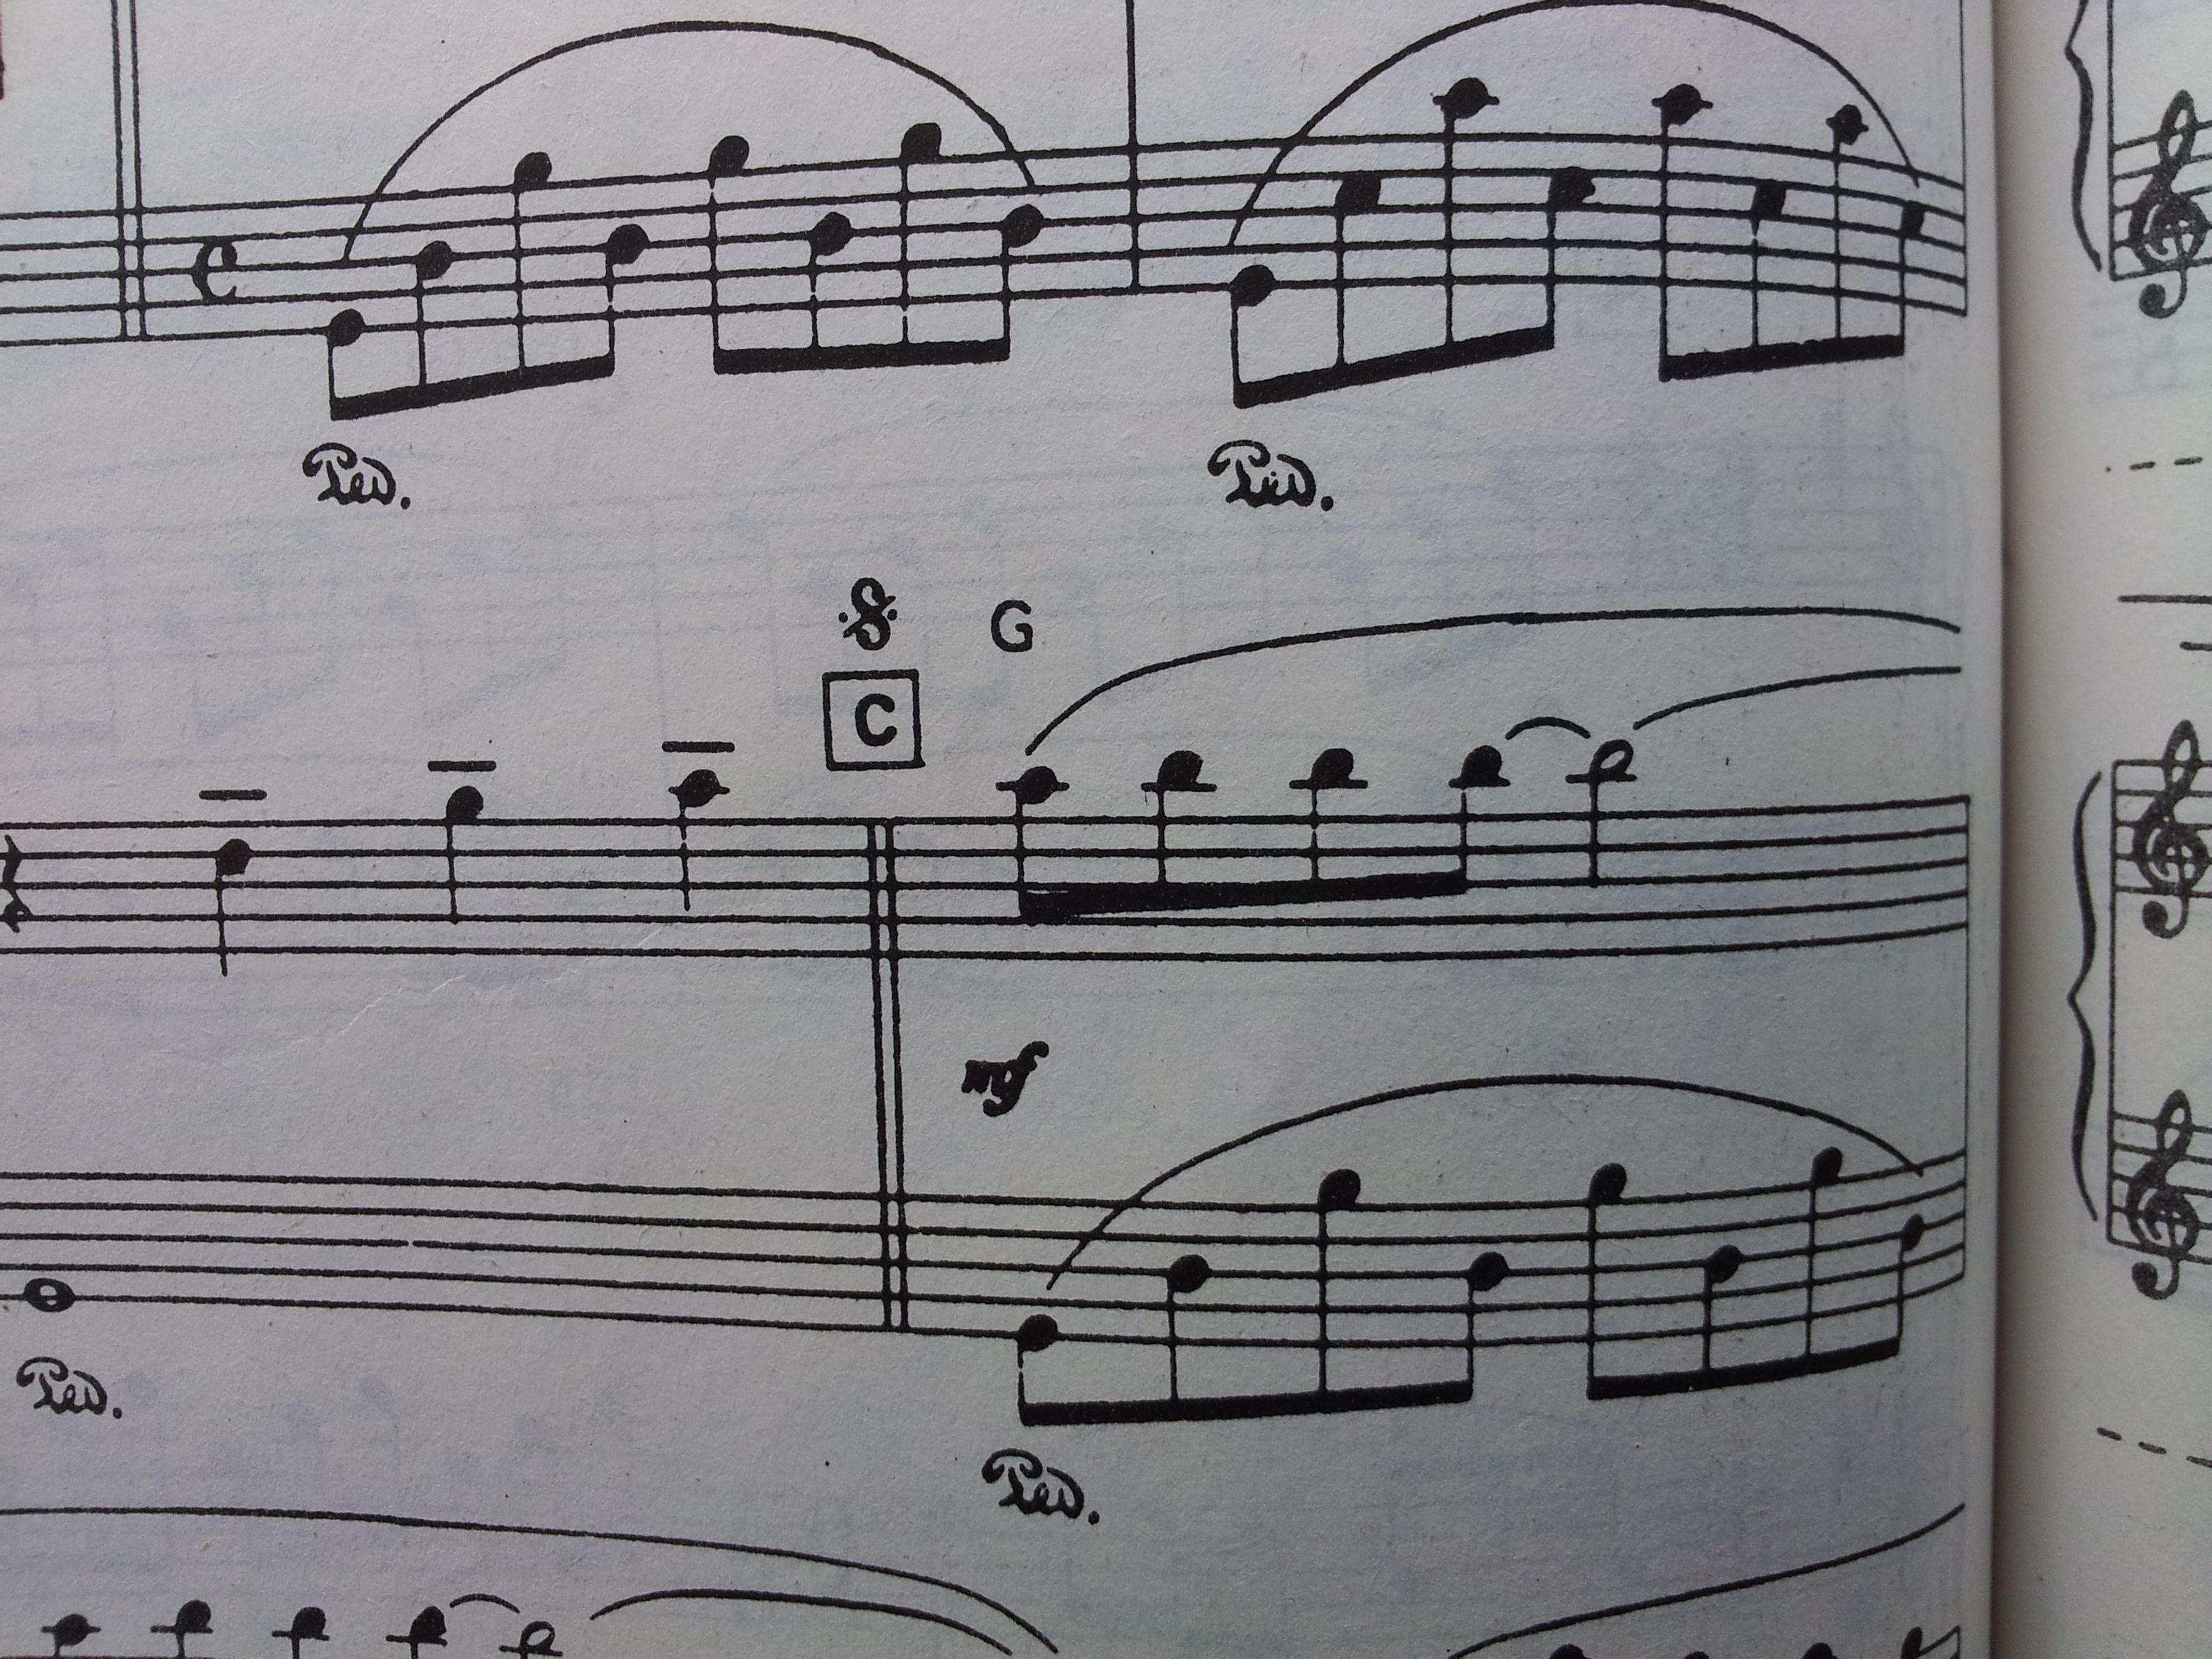 自学钢琴《童年的回忆》,一些基本乐理小问题,什么意思,怎么弹?图片